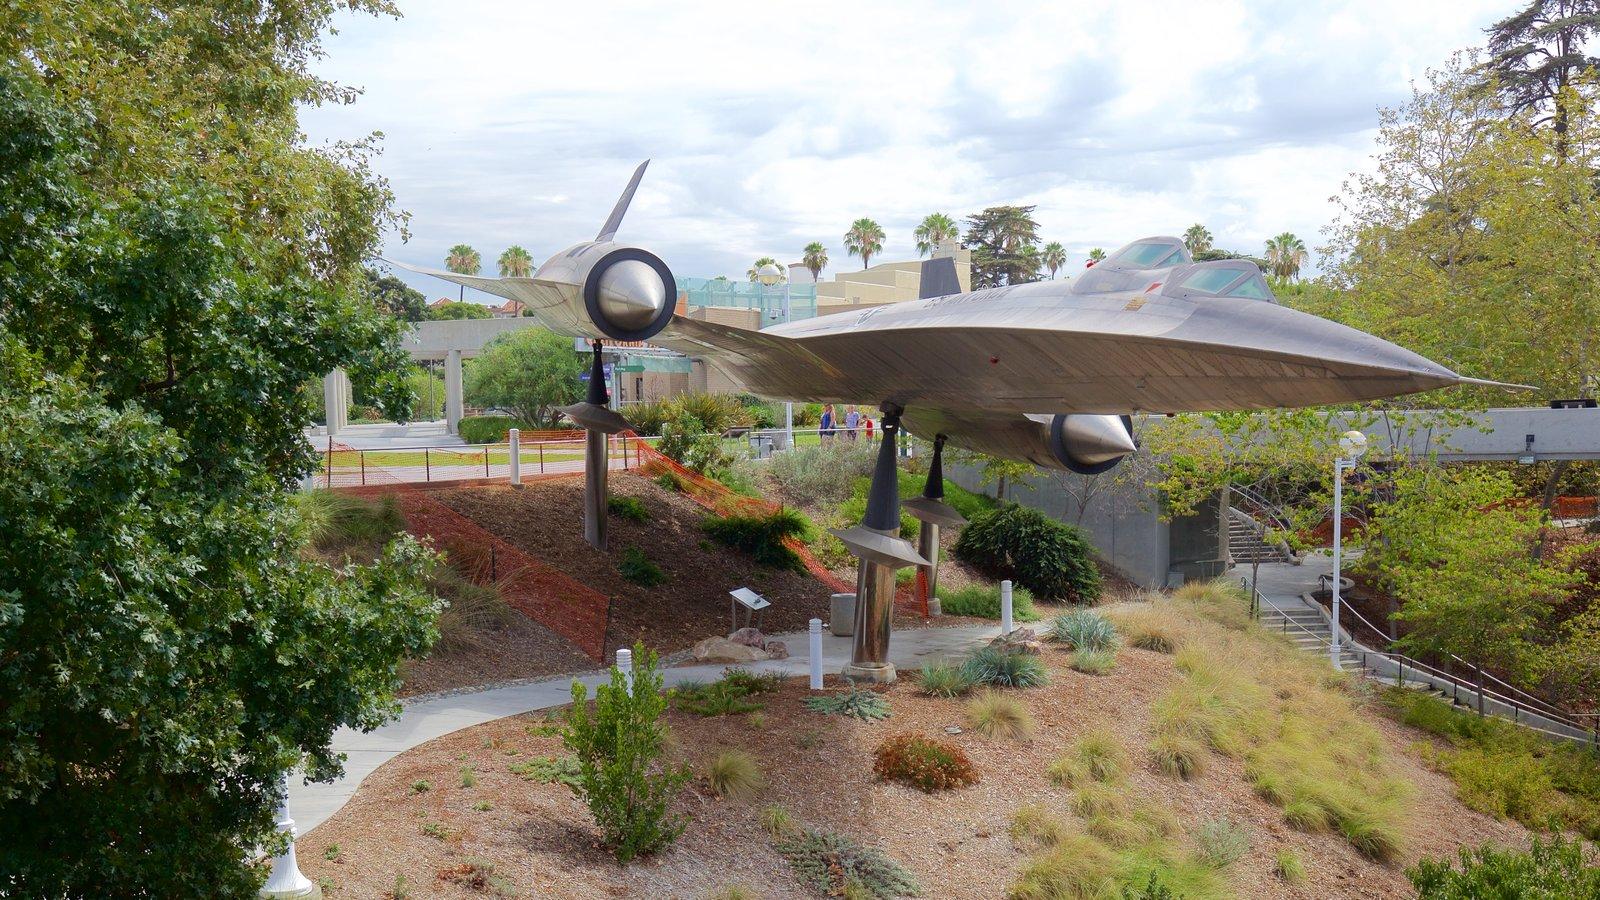 Museo California Science Center mostrando aeronave y un jardín